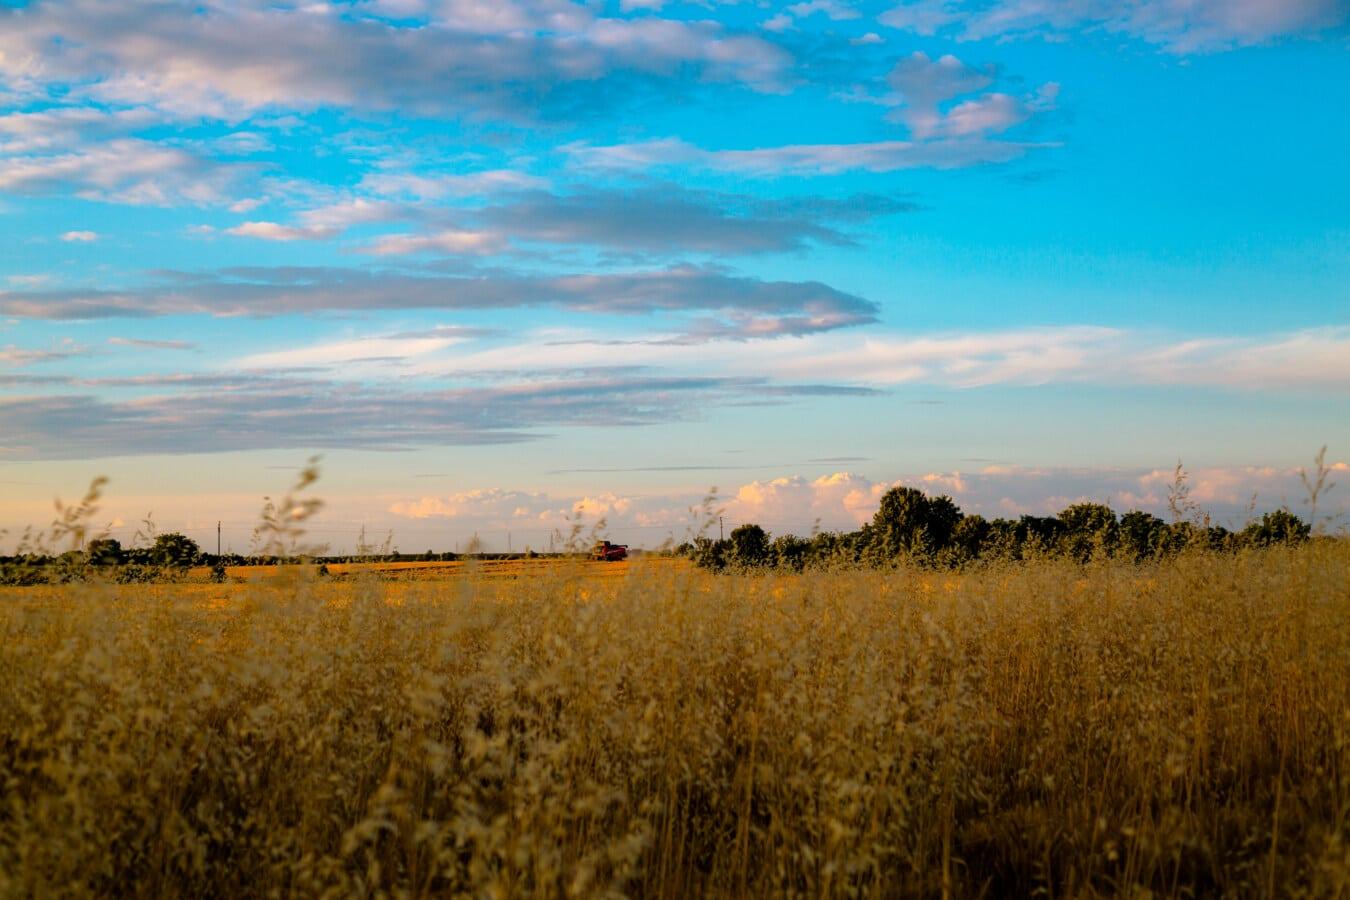 Gras, hoch, Landwirtschaft, des ländlichen Raums, Landschaft, Feld, Atmosphäre, Sonnenuntergang, Dämmerung, Natur